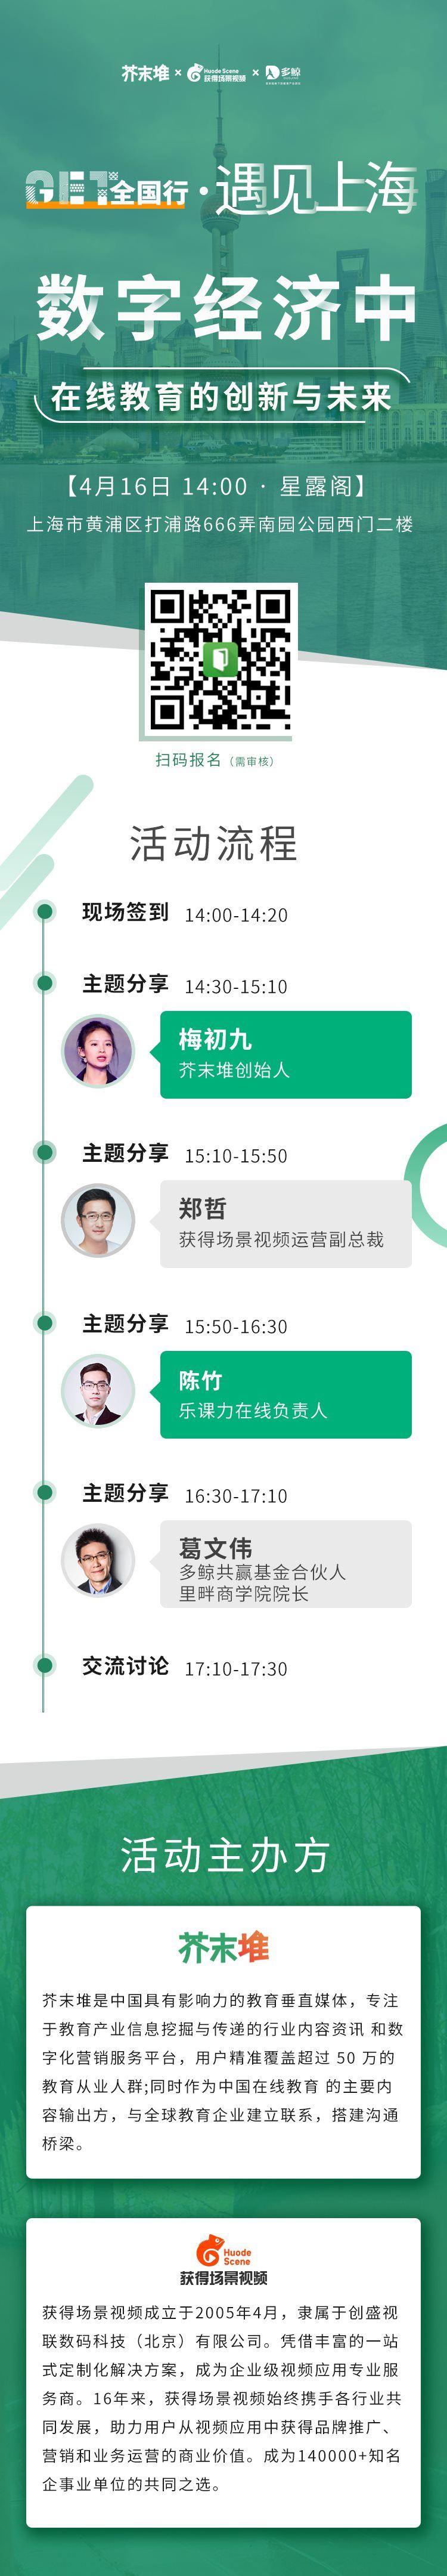 上海长图.png